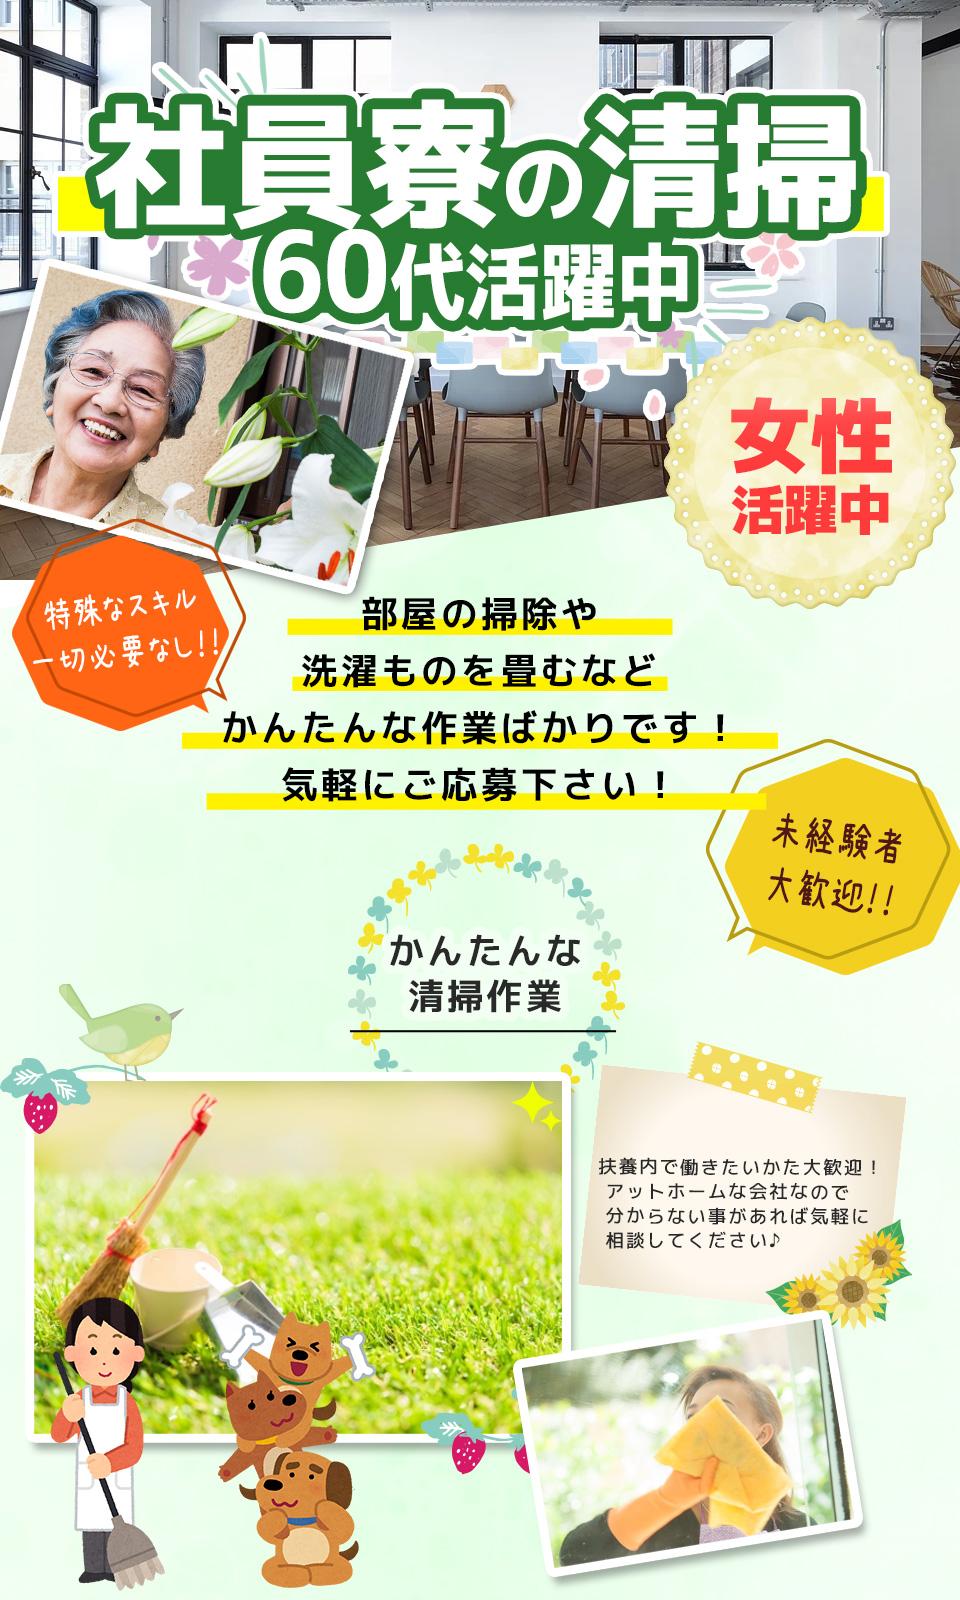 清掃業務 愛知県豊橋市の派遣社員求人